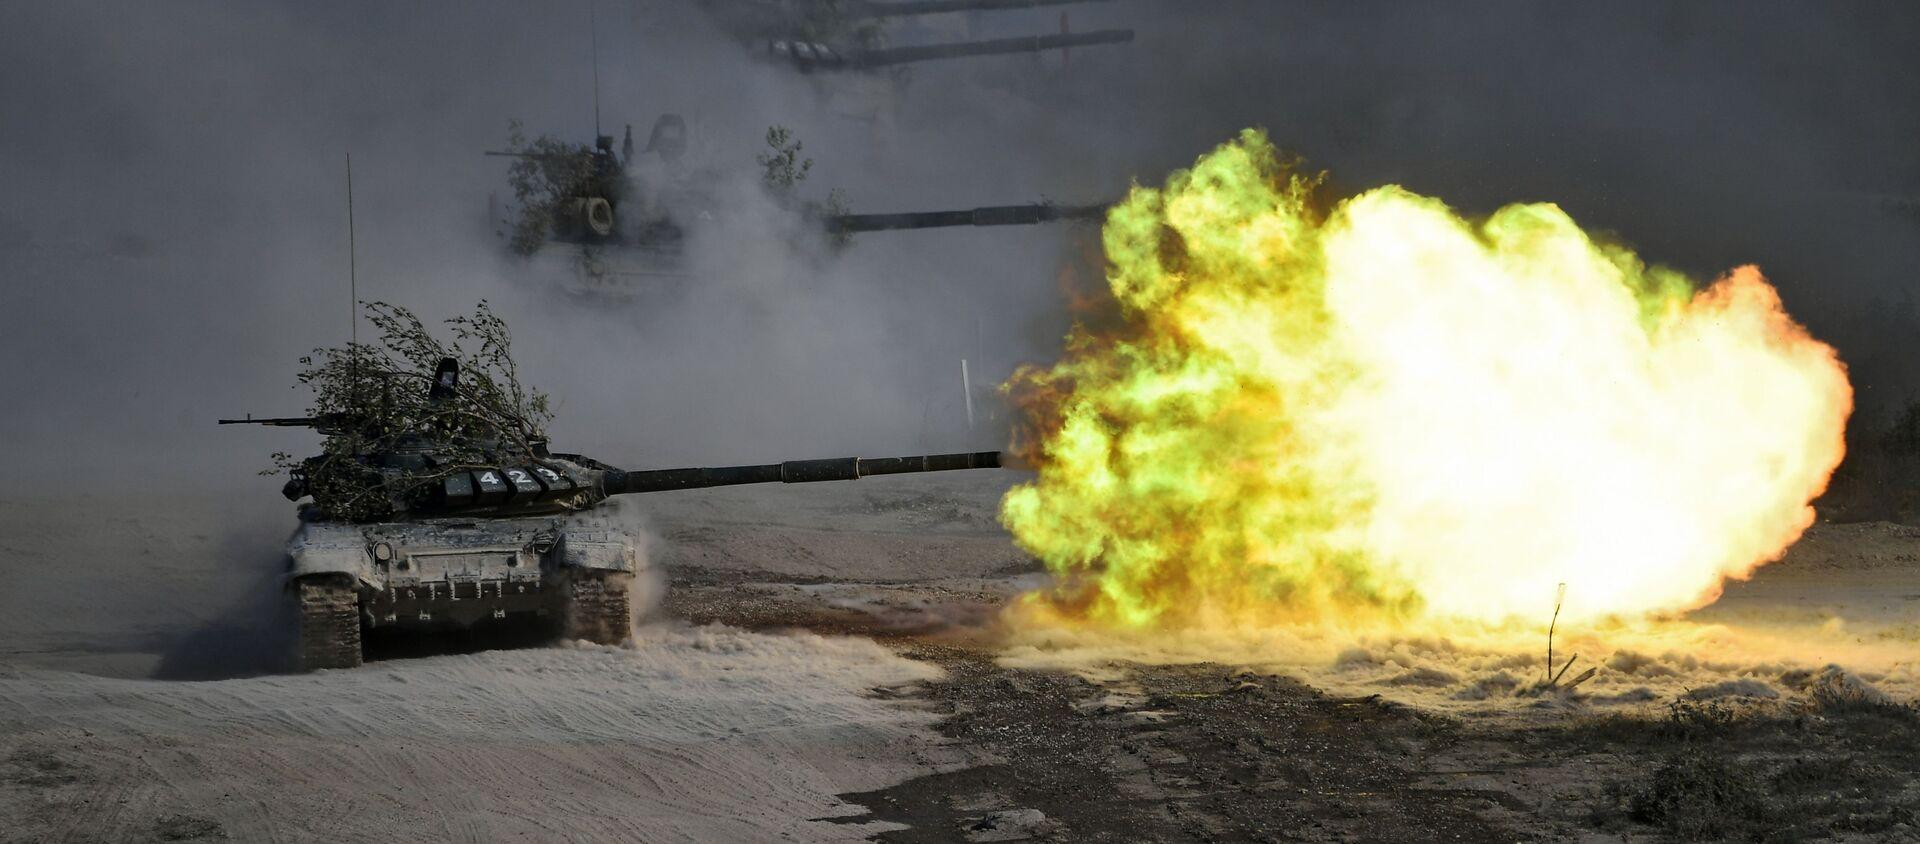 Tanki T-72 vo vremya komandno-shtabnыx ucheniy Kavkaz-2020 na poligone Rayevskiy v Novorossiyske - Sputnik Oʻzbekiston, 1920, 30.09.2020